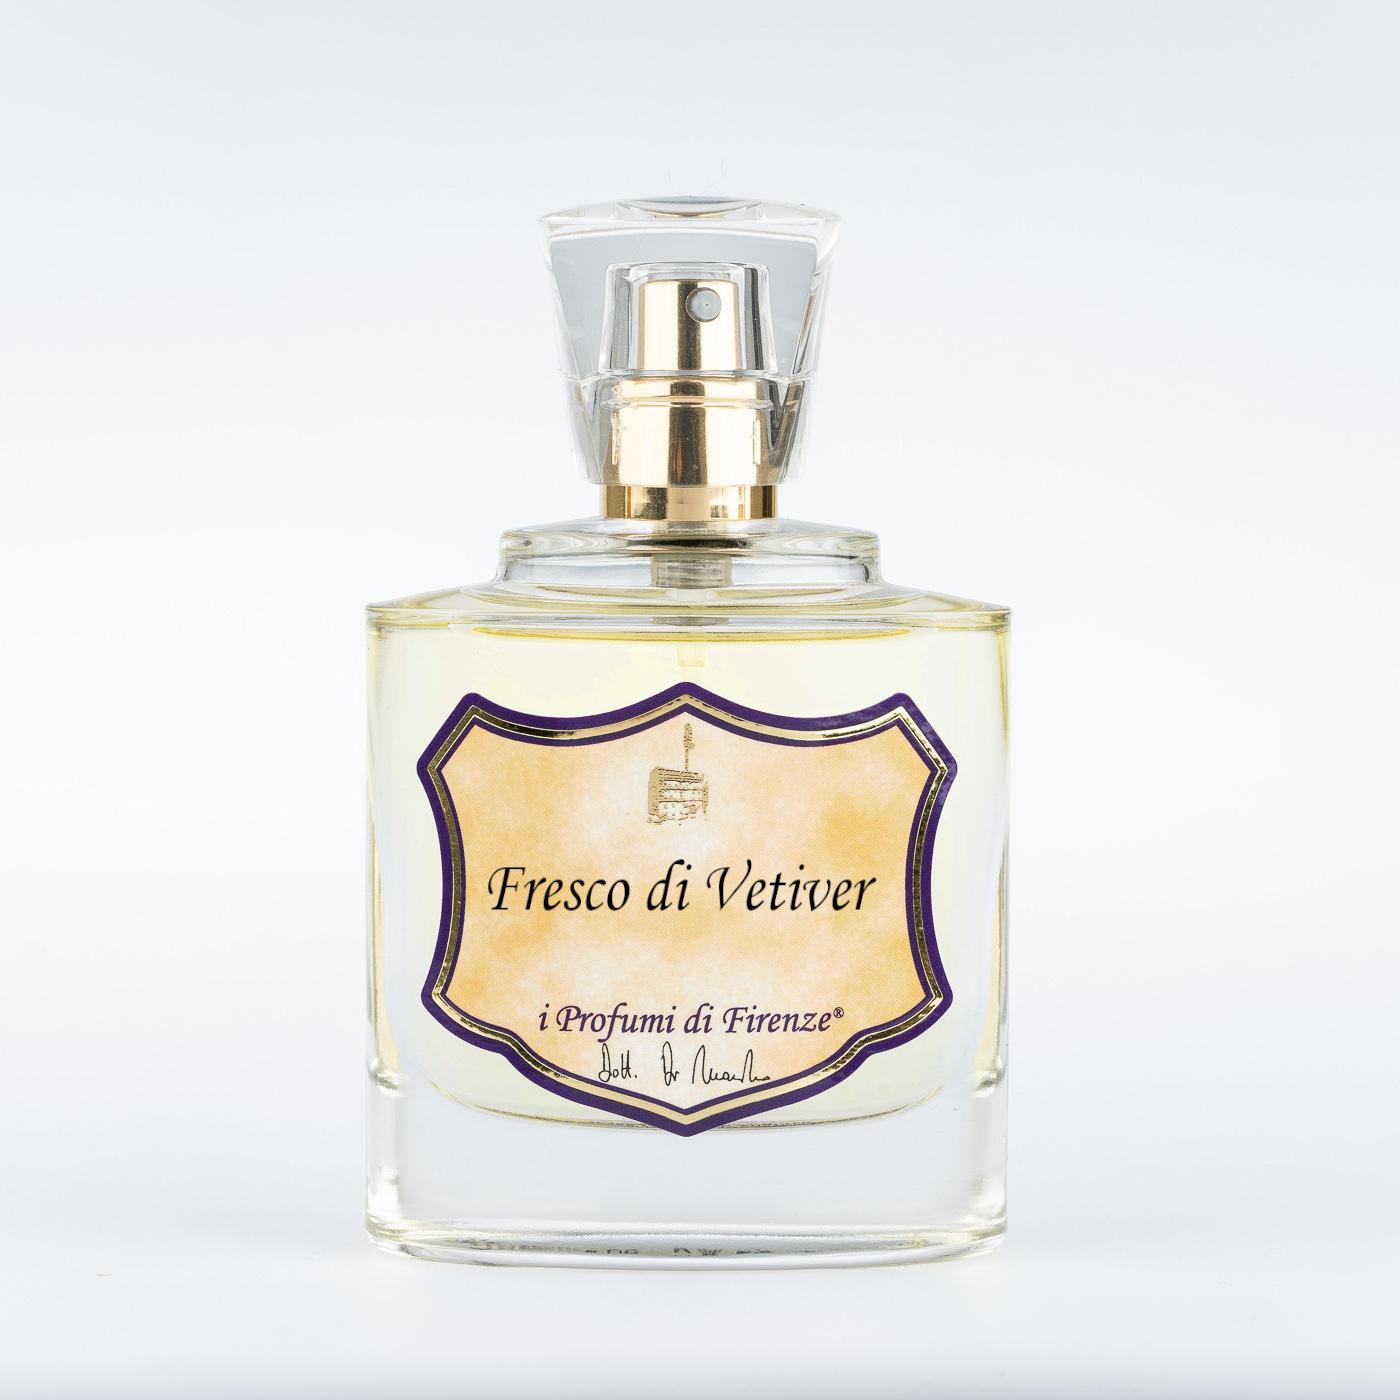 FRESCO DI VETIVER - Eau de Parfum-3743